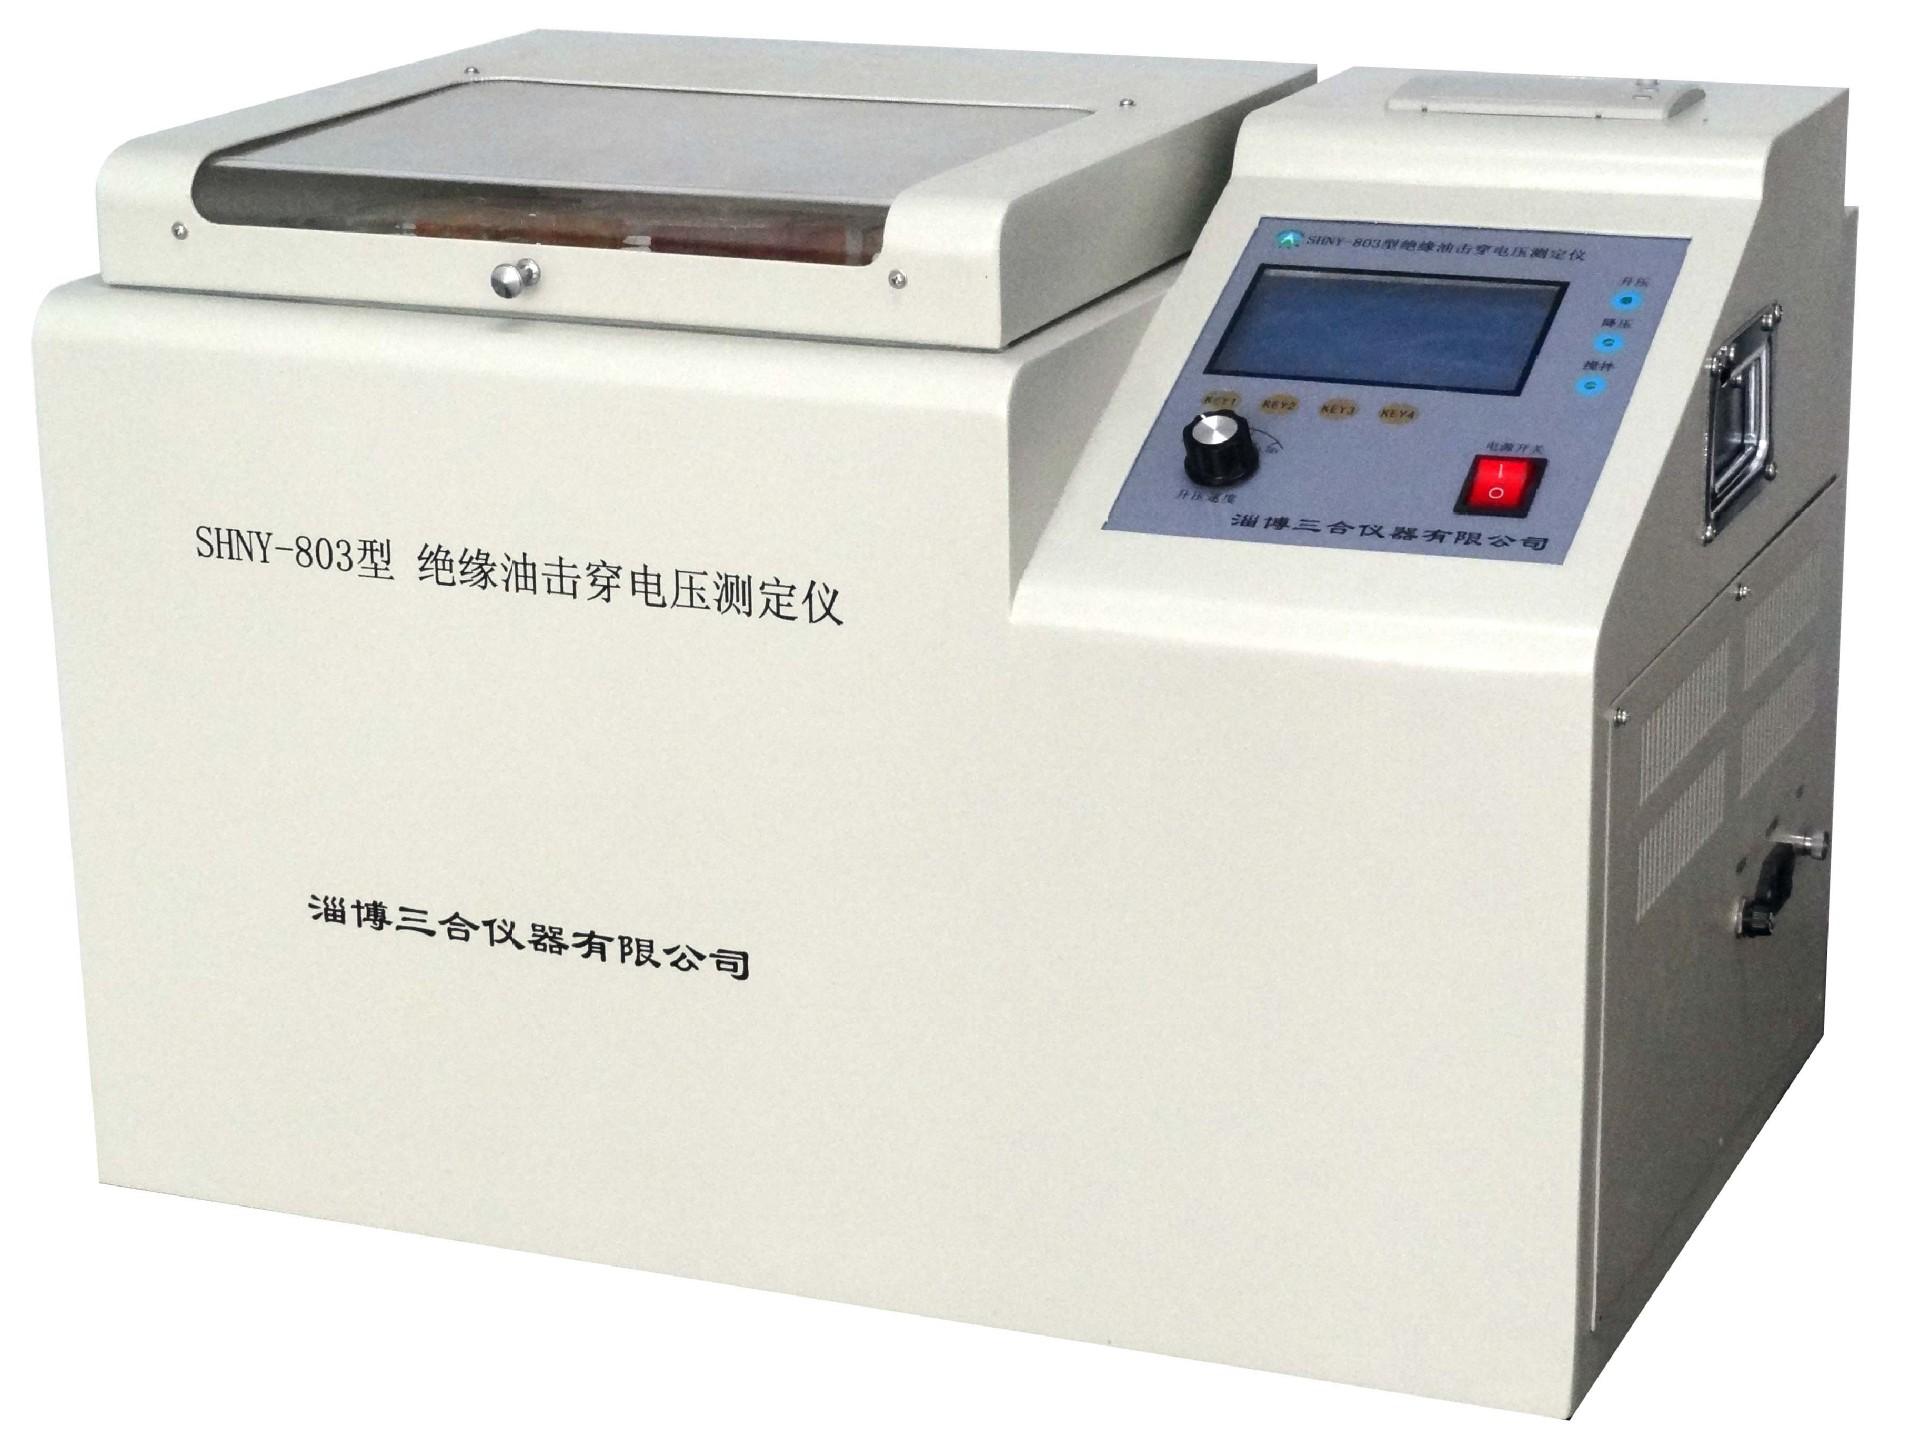 SHNY-803型绝缘油击穿电压测定仪